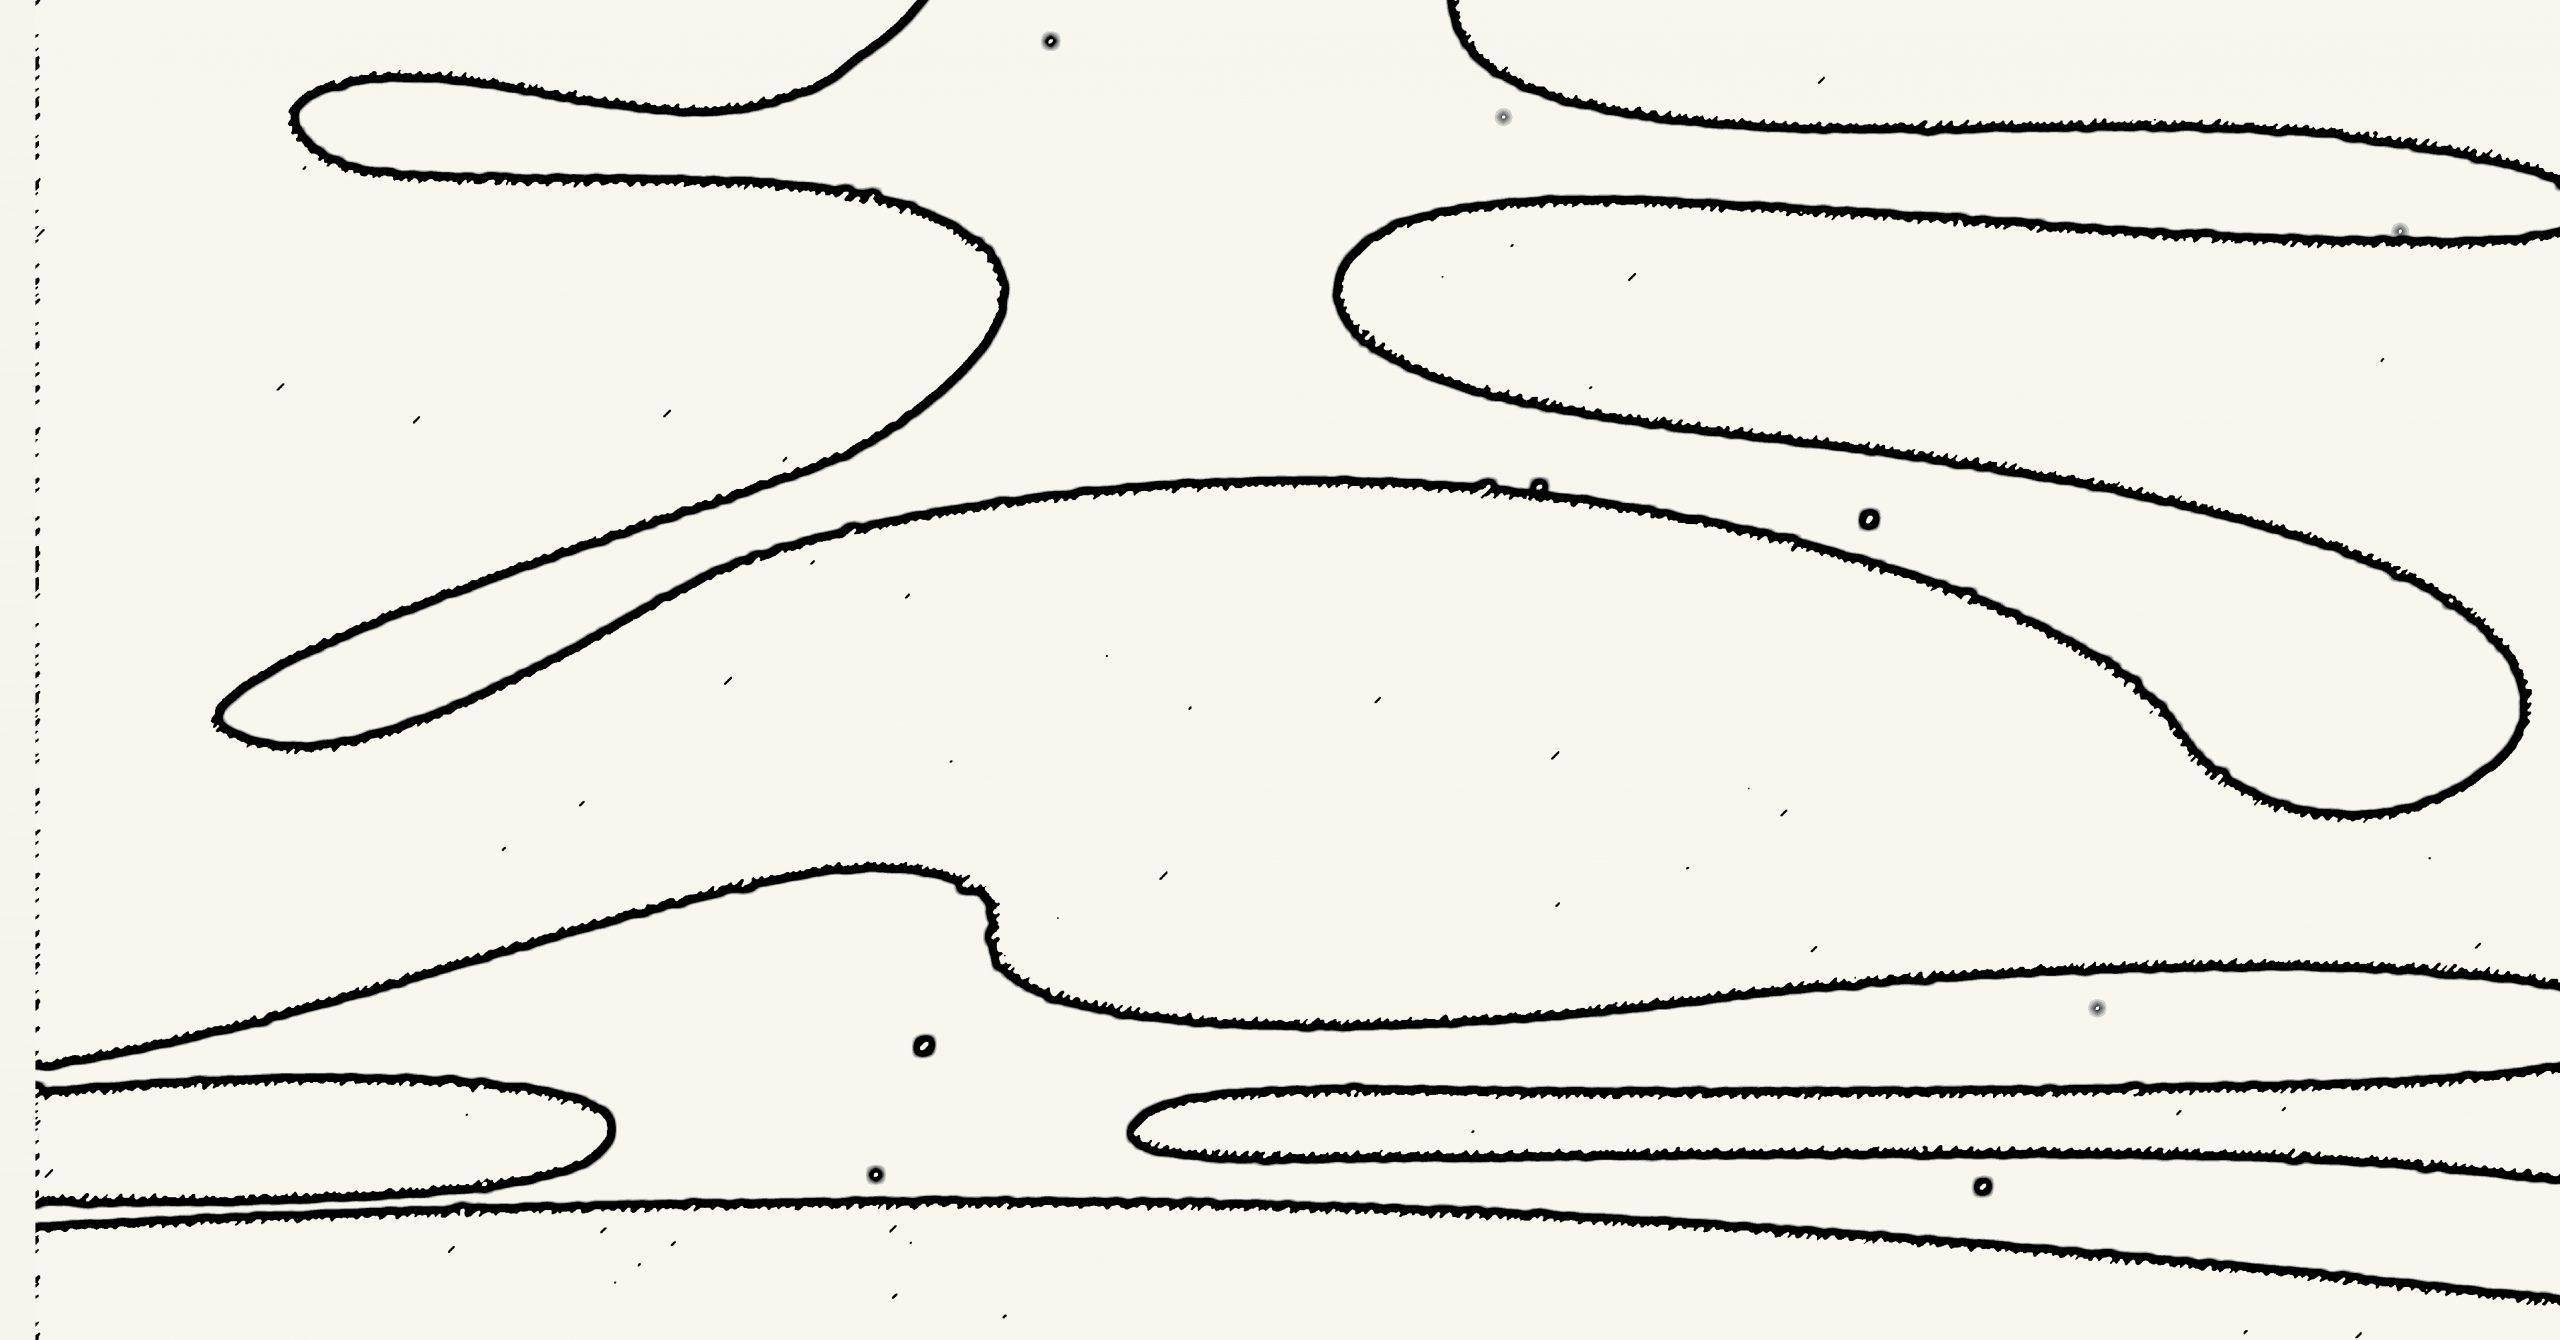 João M. Machado – Efabula – O corpo por vir (2 of 2)